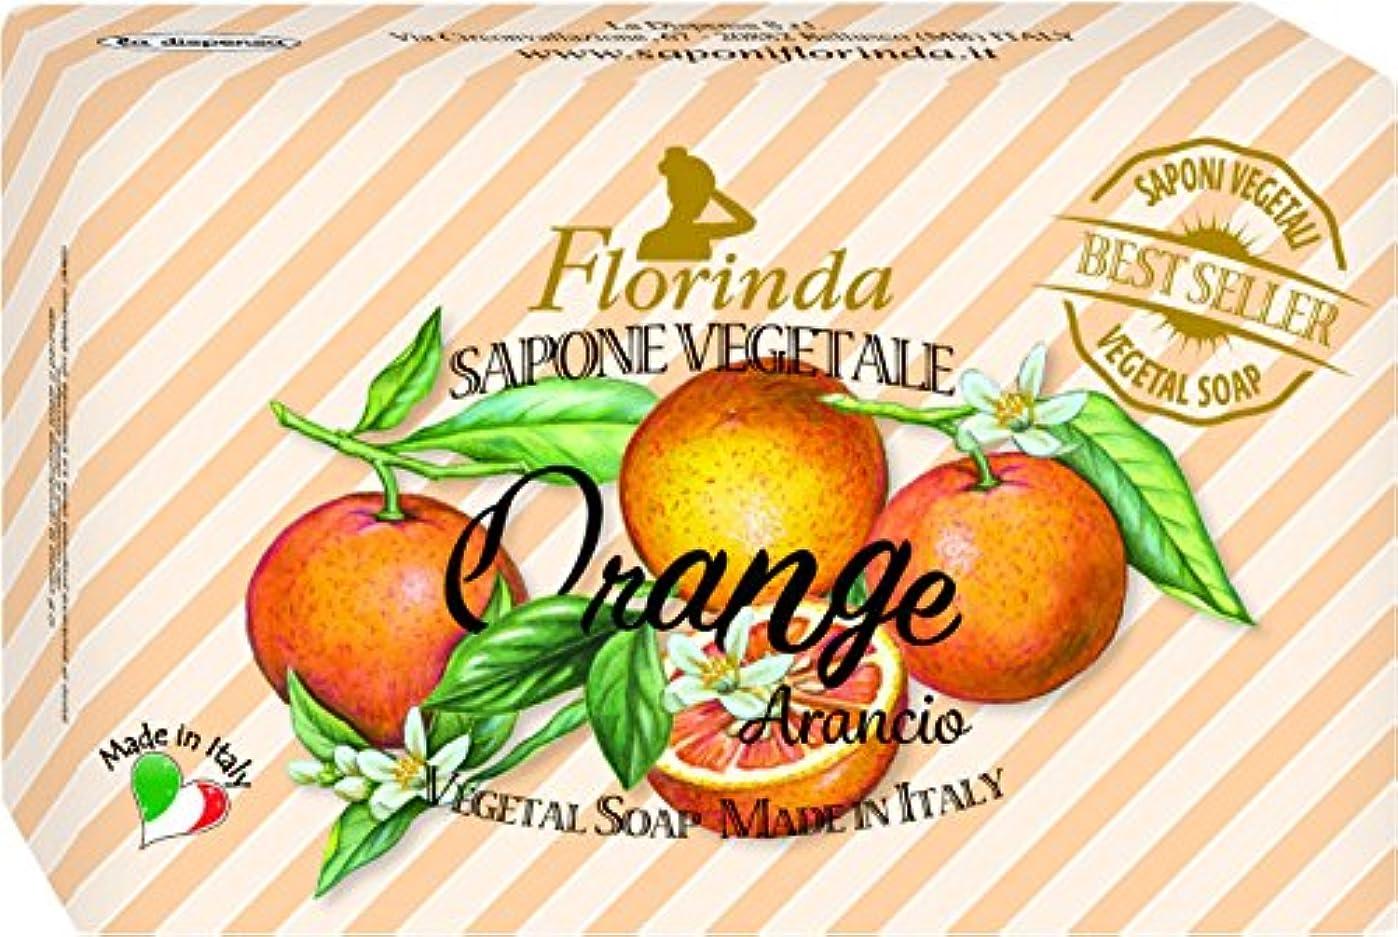 ランプ従来のアルカイックフレグランスソープ ベストセラーシリーズ オレンジ